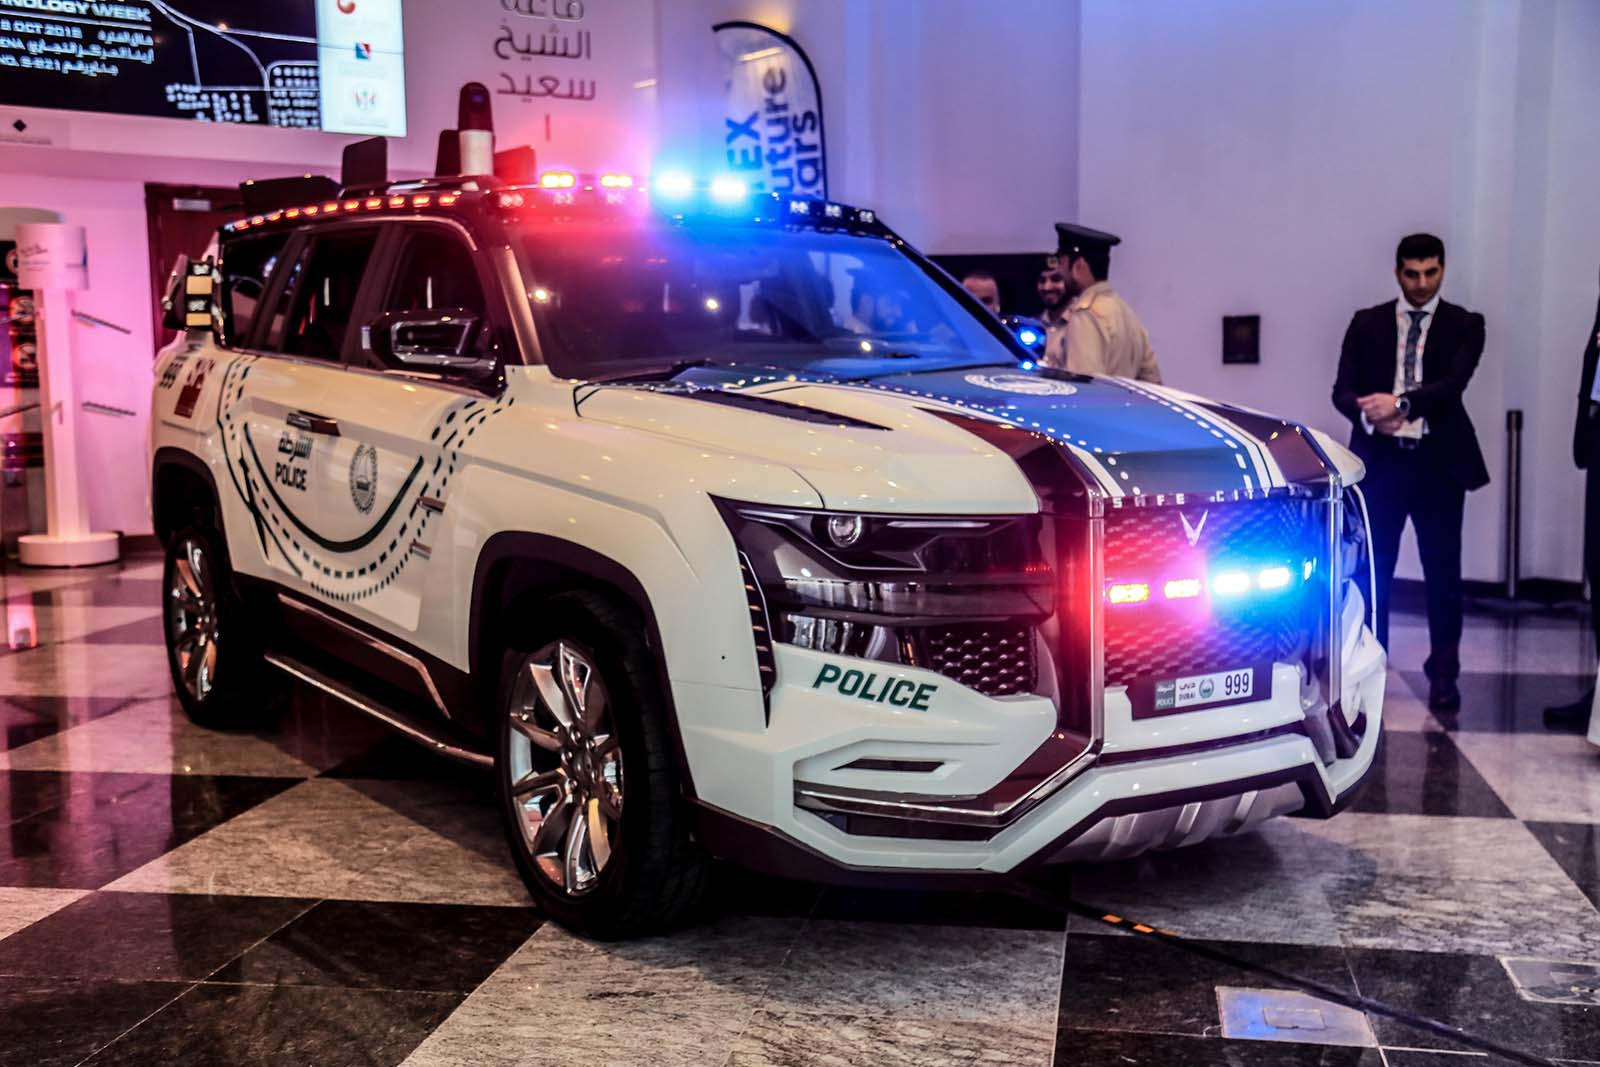 Најновото засилување на полицијата во Дубаи: Патролен ѕвер